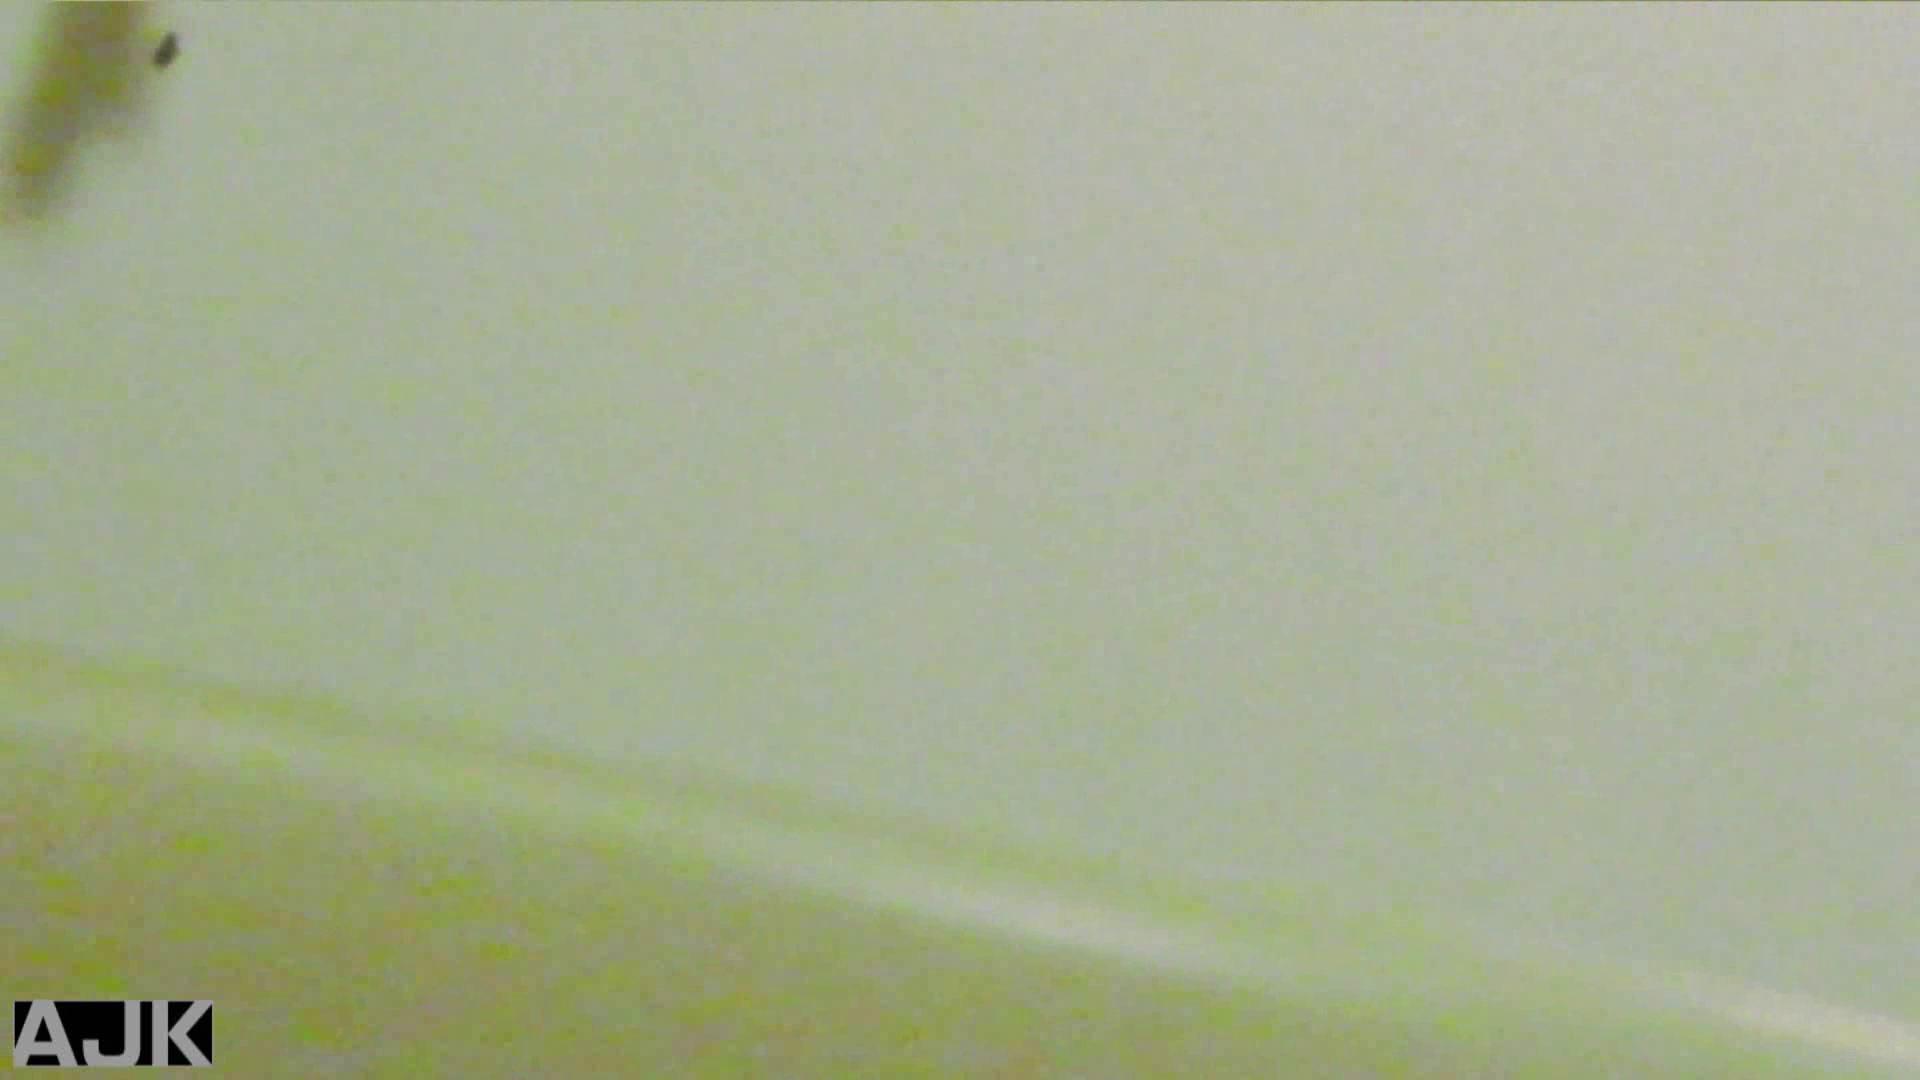 隣国上階級エリアの令嬢たちが集うデパートお手洗い Vol.11 お手洗い  67pic 17